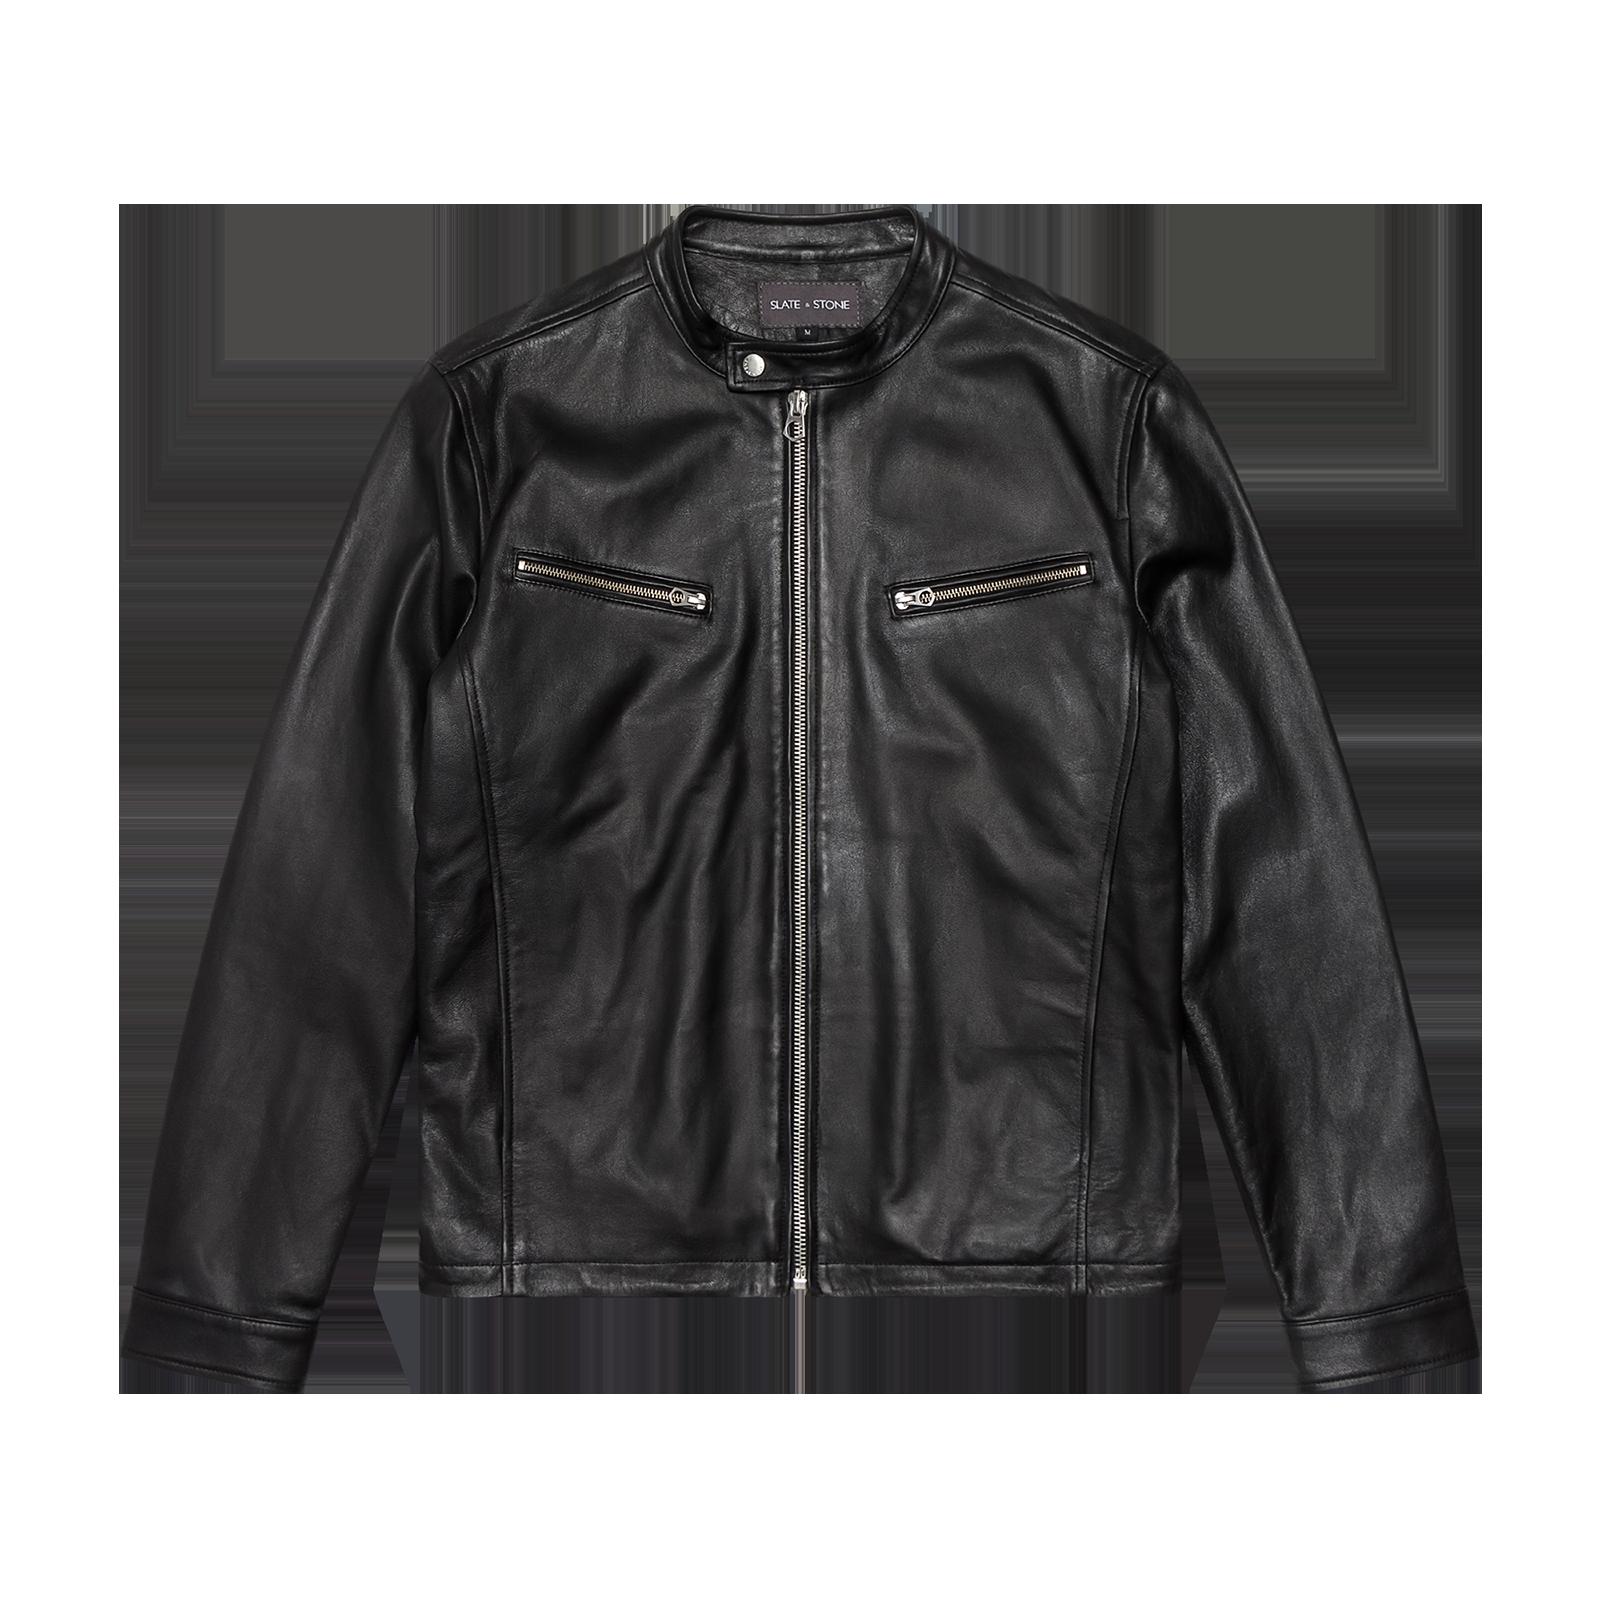 Leather jacket  product image